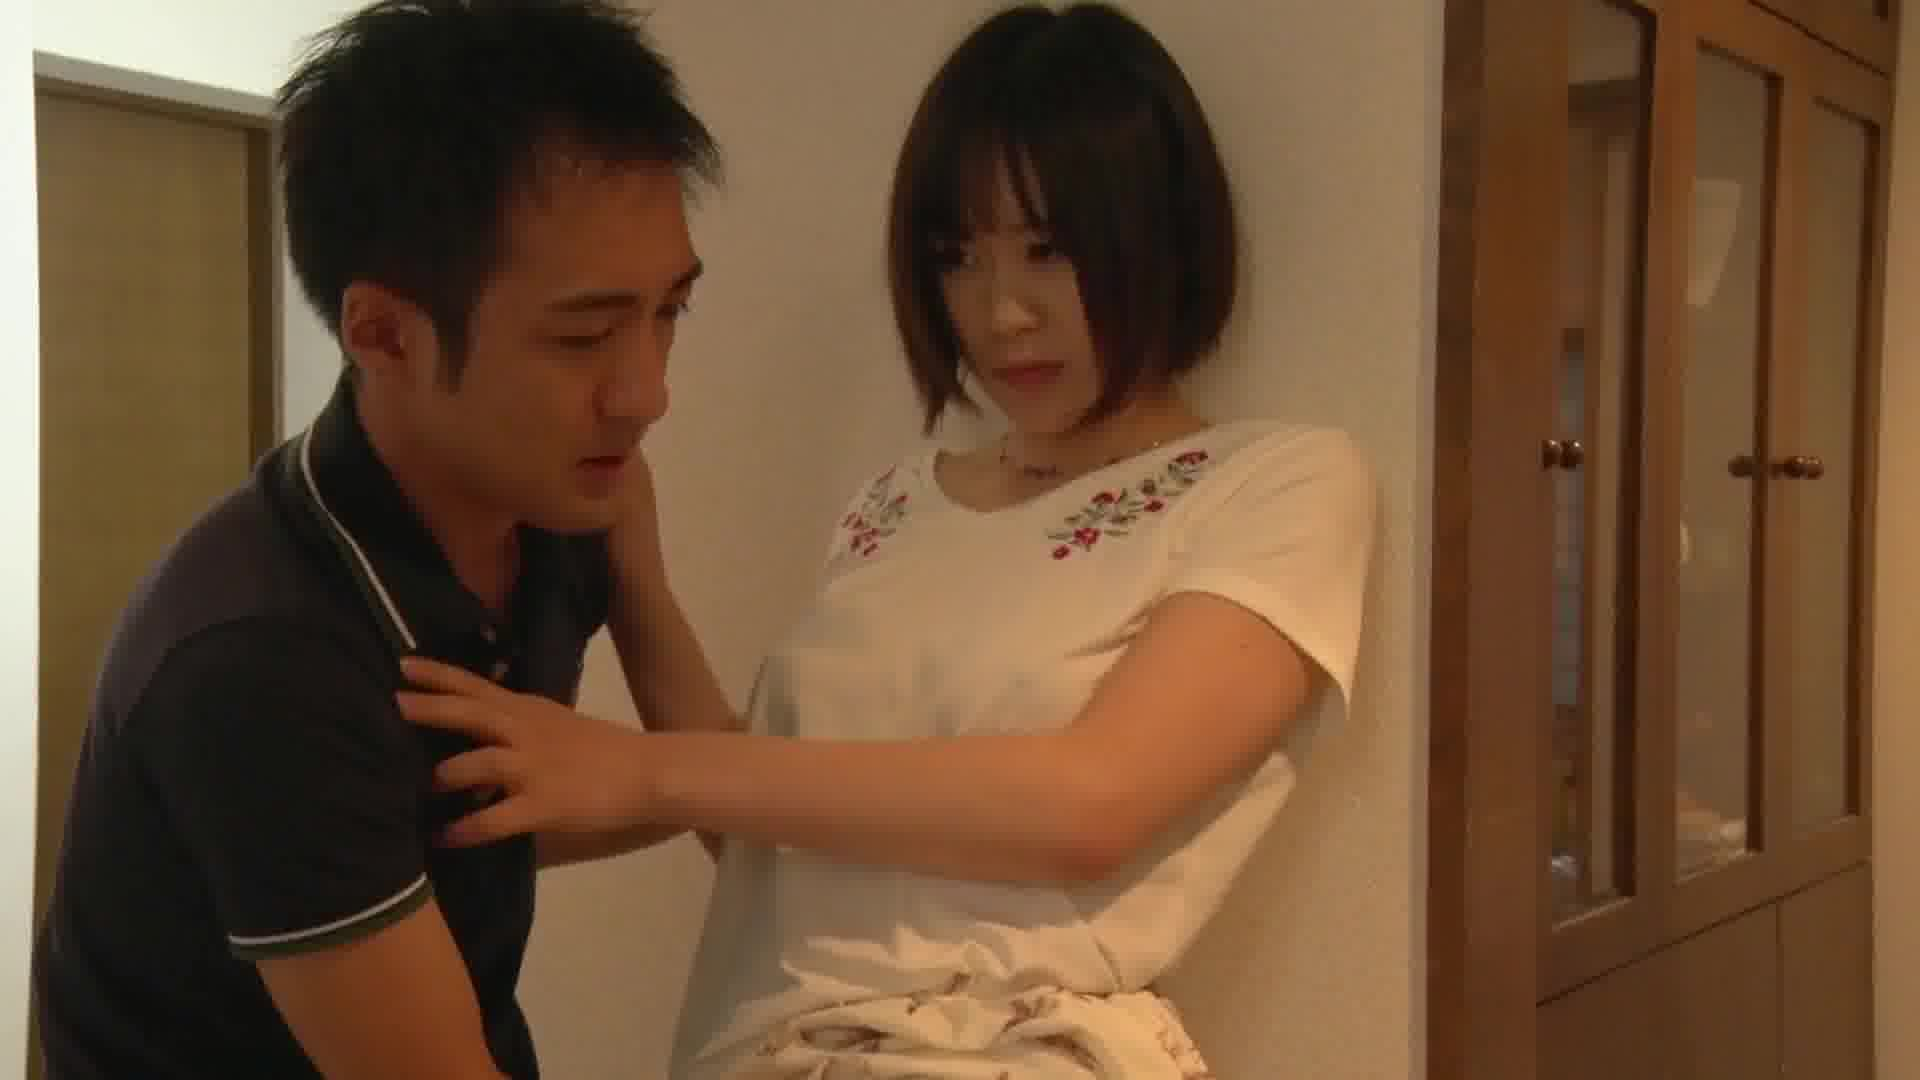 同窓会 ~婚約中の彼女の裏切り~ - 渋谷まなか【巨乳・パイパン・中出し】